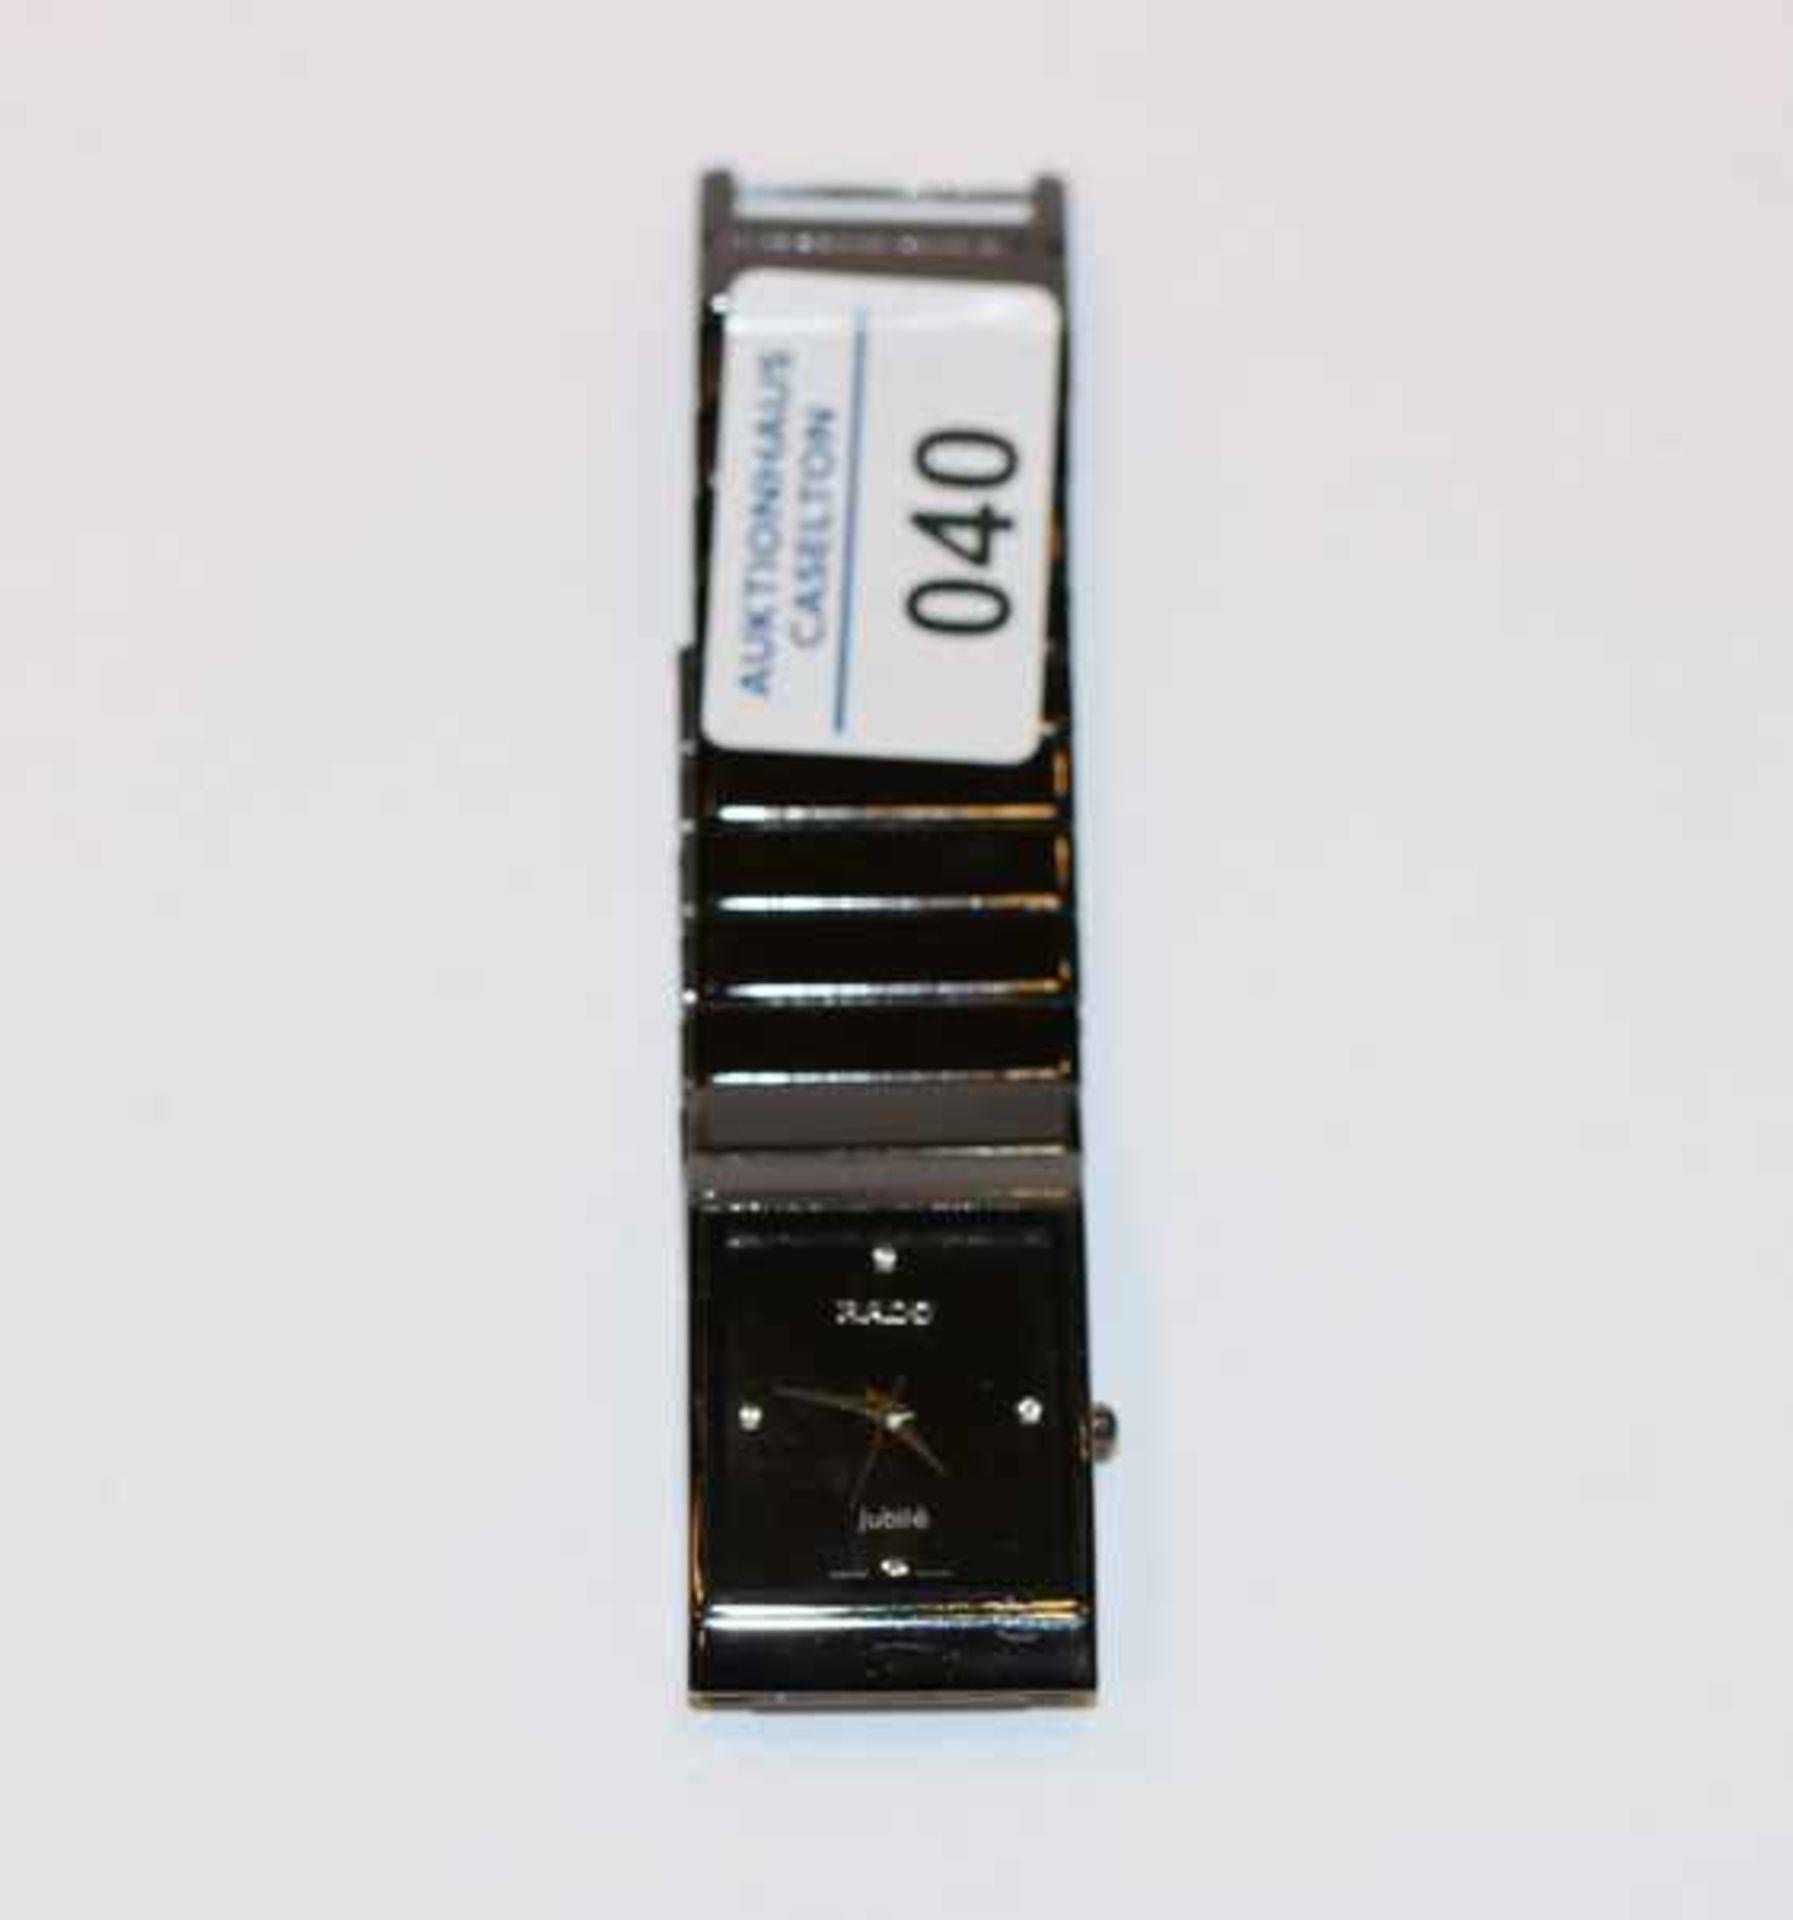 Los 40 - Rado Damen-Armbanduhr, schwarz, benötigt neue Batterie, intakt ?, starke Tragespuren